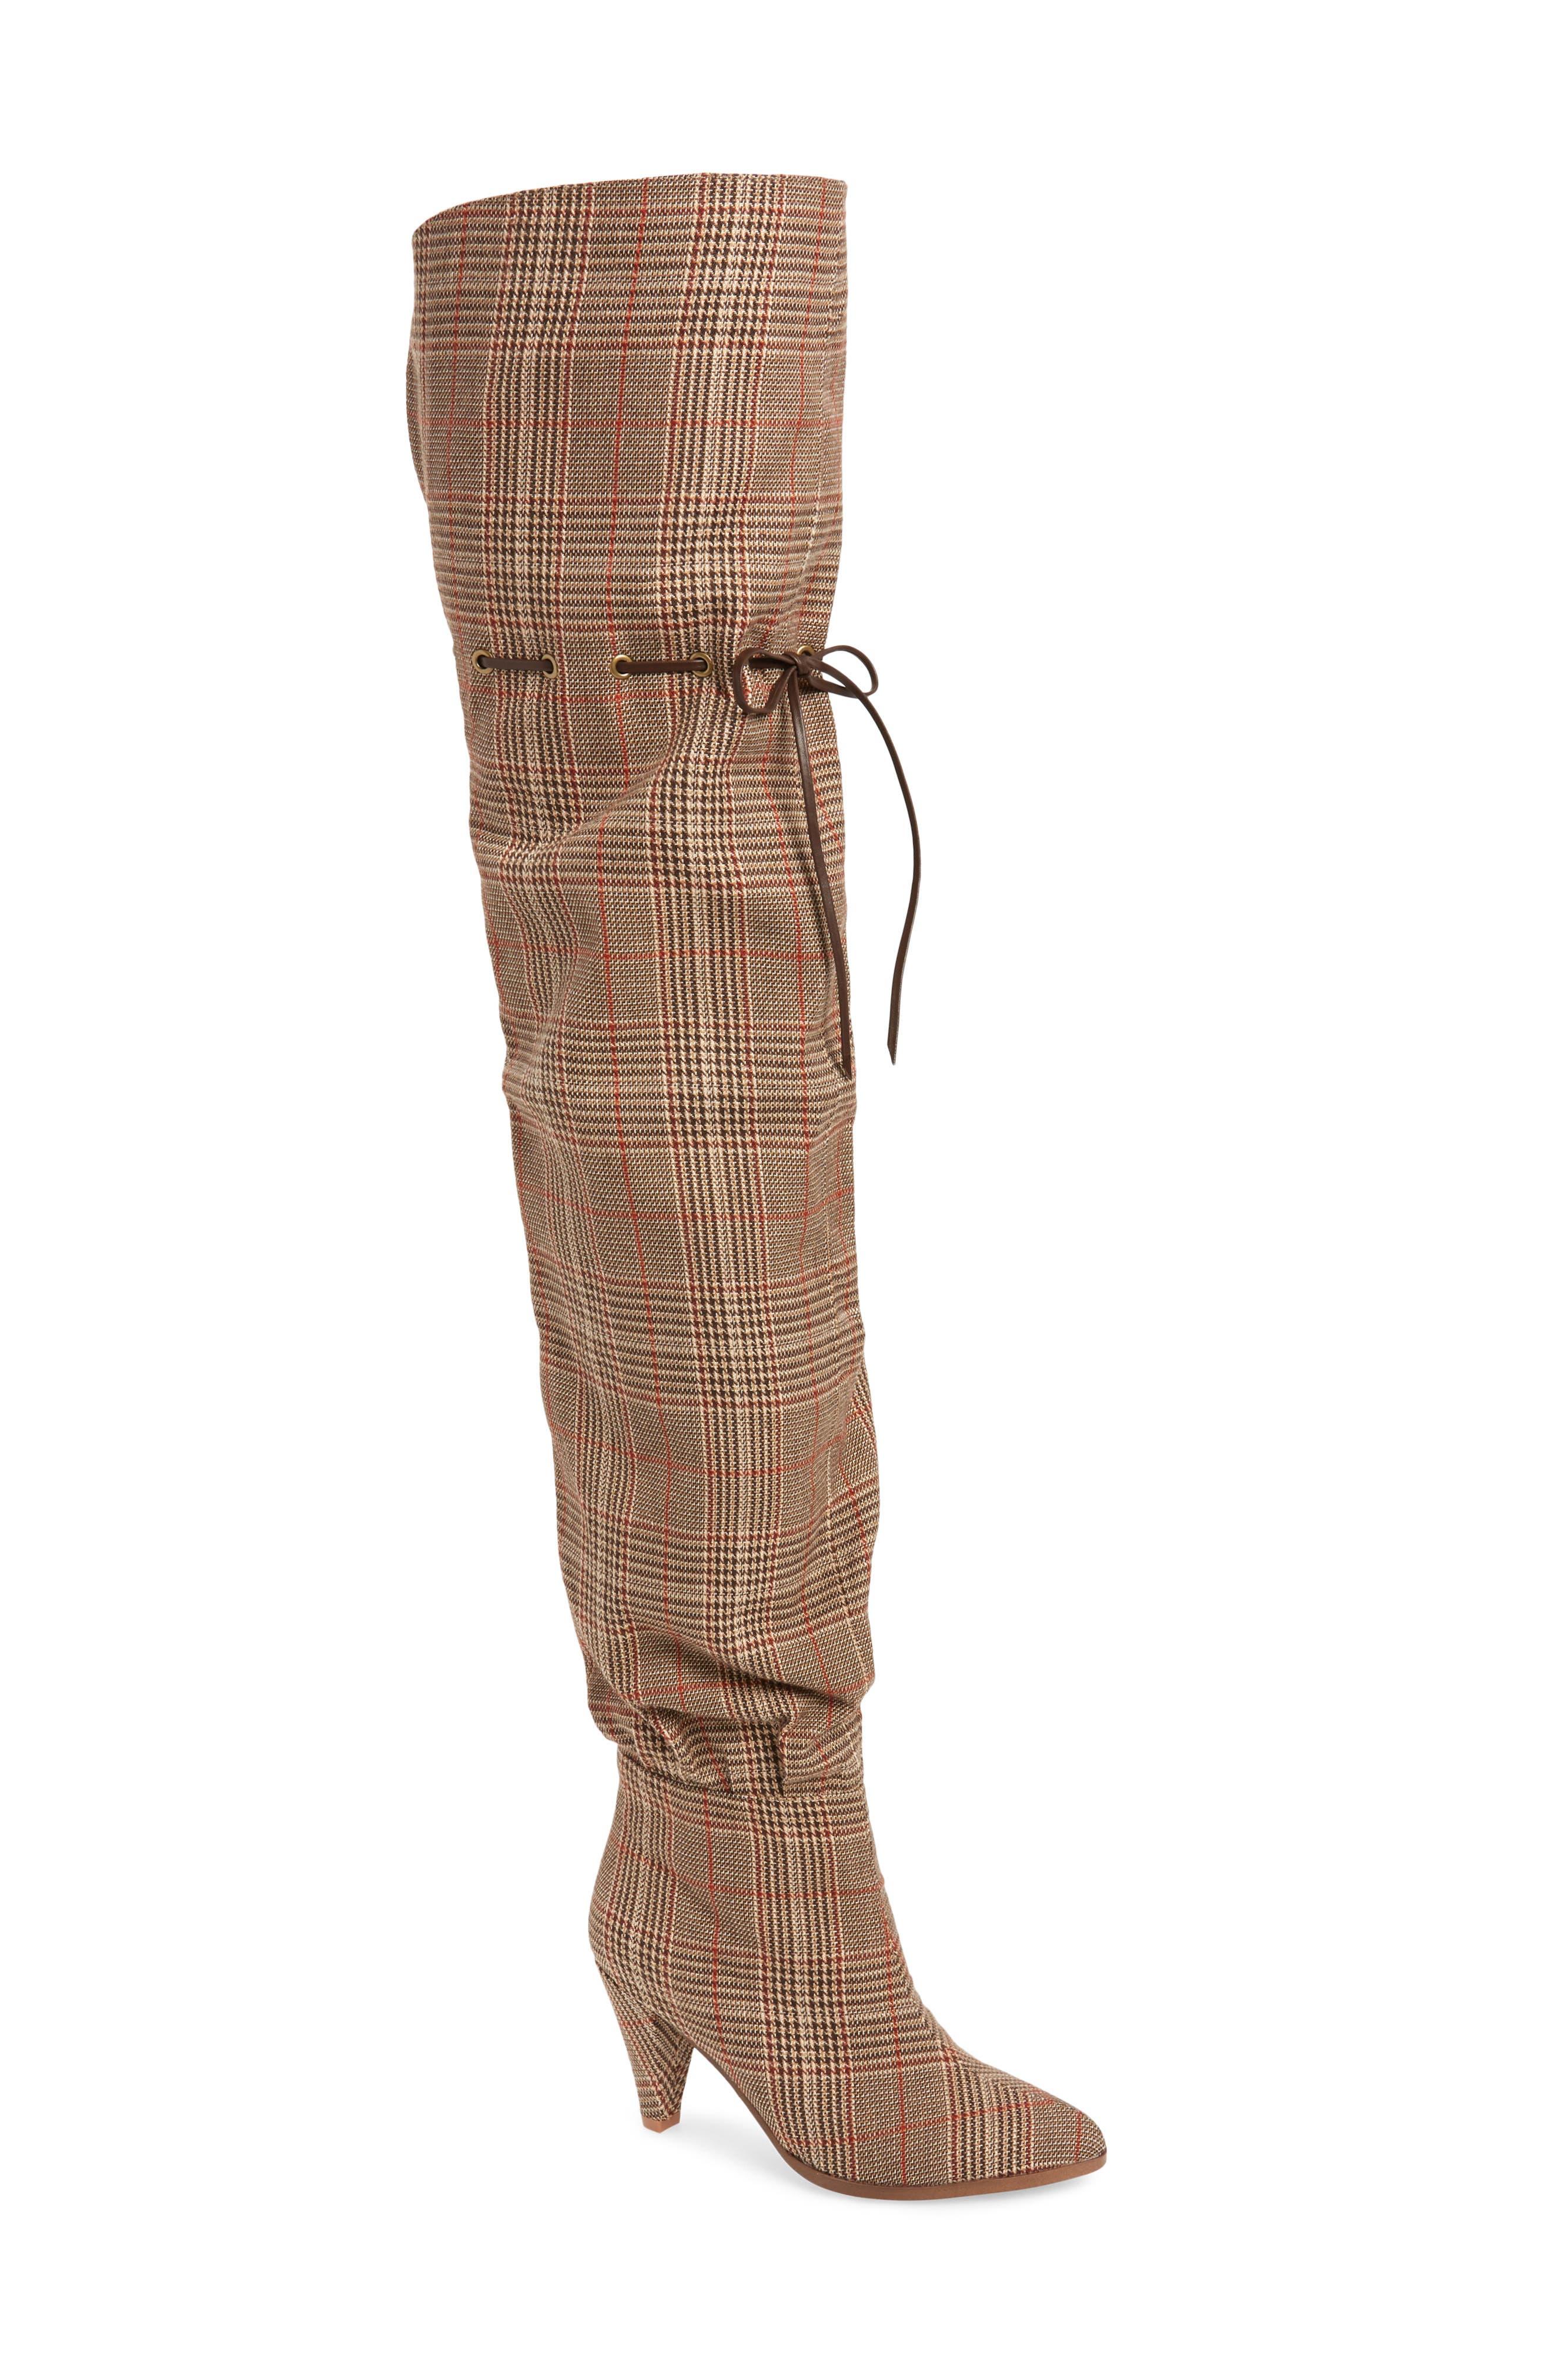 Go-Go-Girl Thigh High Boot,                             Main thumbnail 1, color,                             BEIGE PLAID